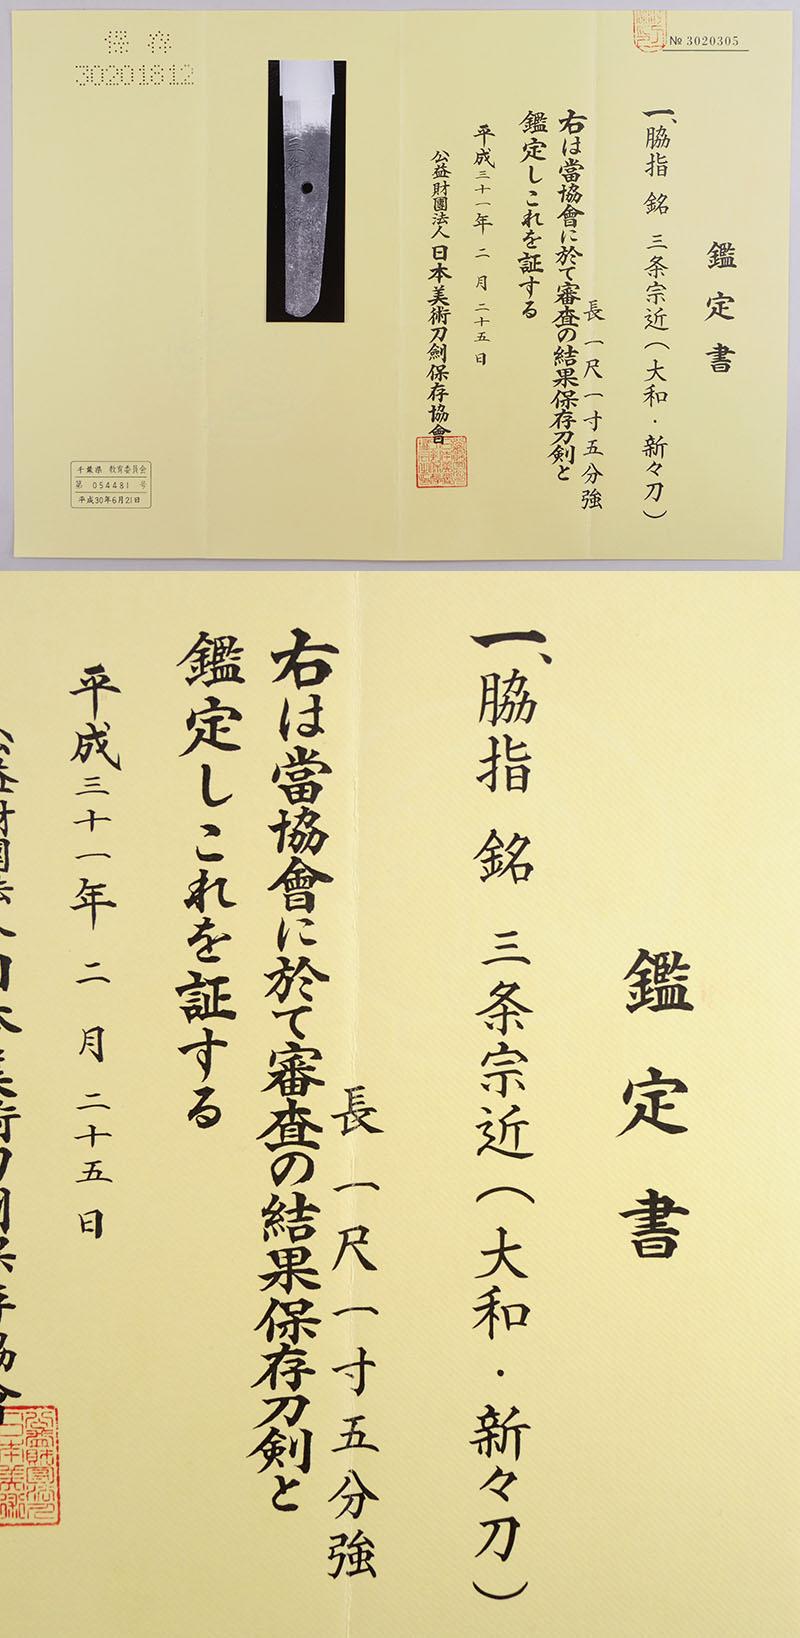 三条宗近(大和・新々刀)鑑定書画像